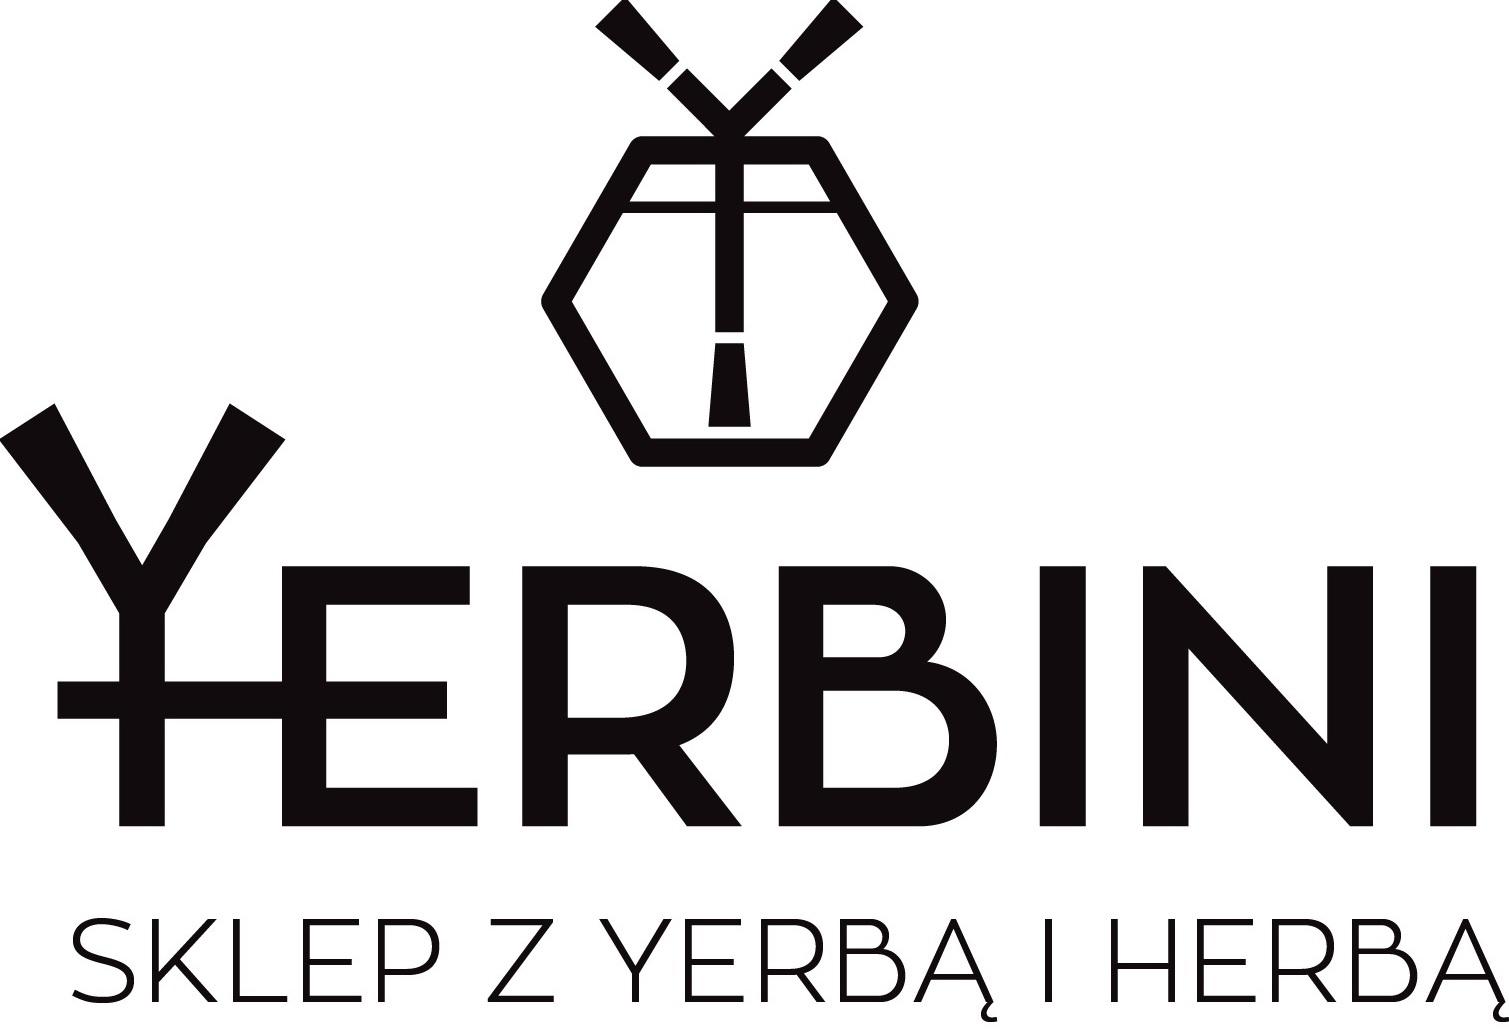 Yerbini - Sklep z yerbą i herbą